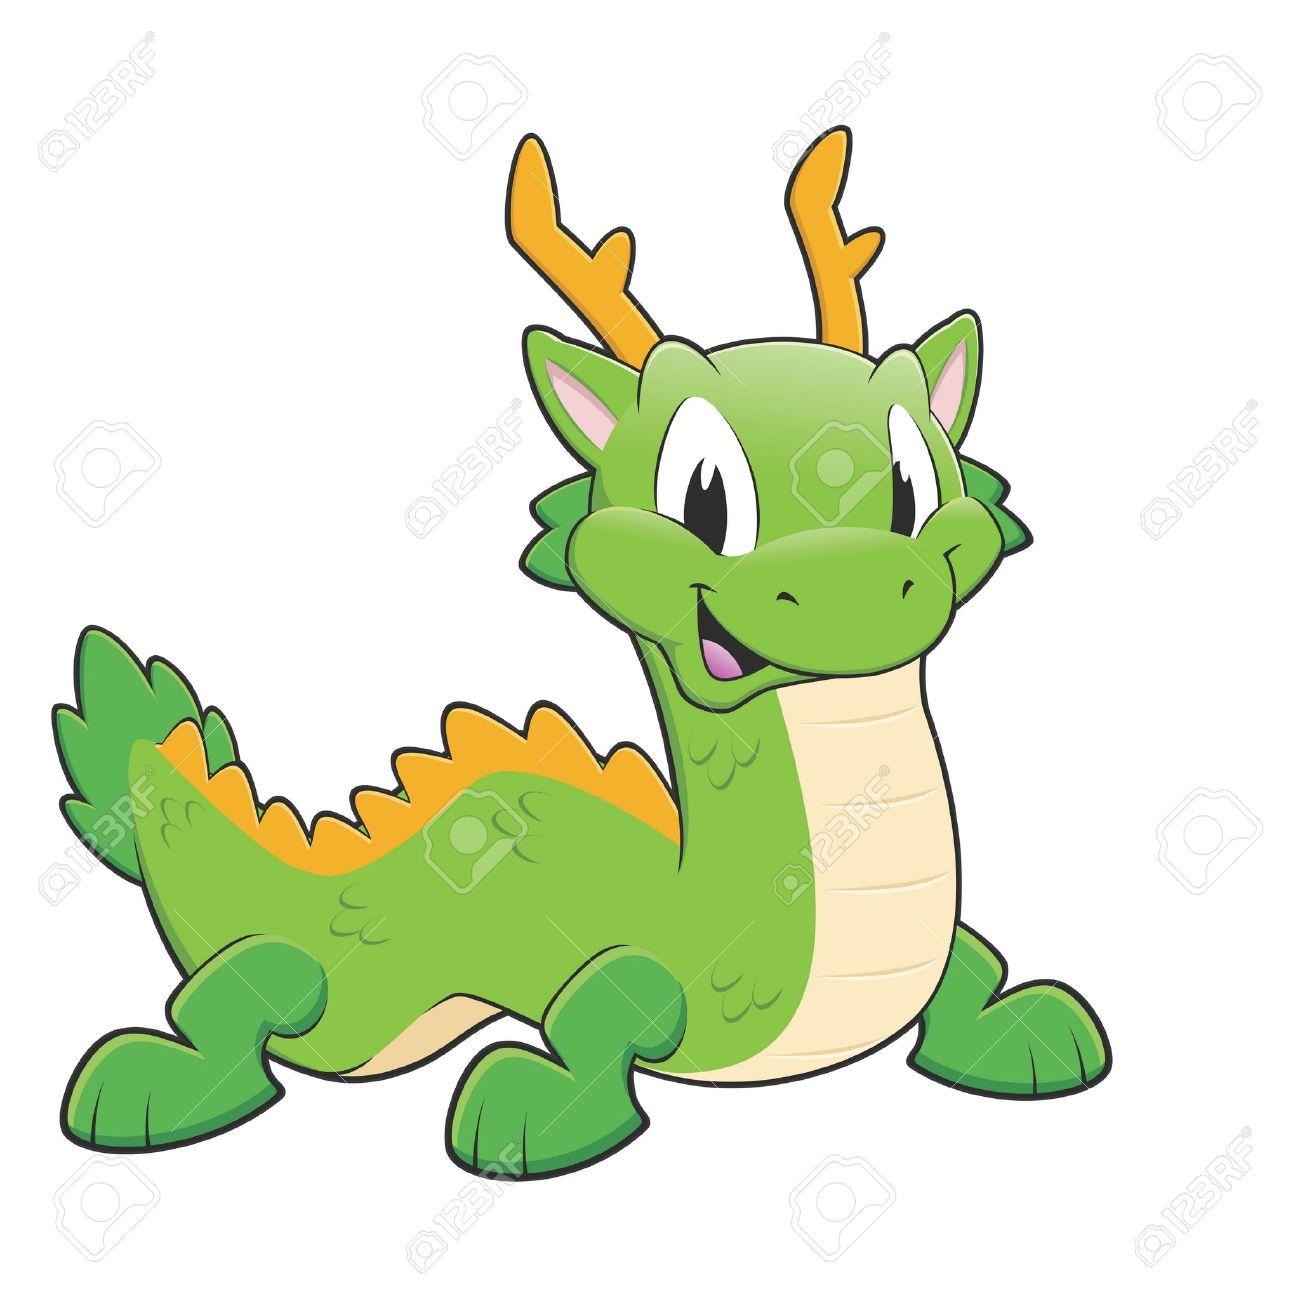 1300x1300 Chinese Dragon Clipart Cute